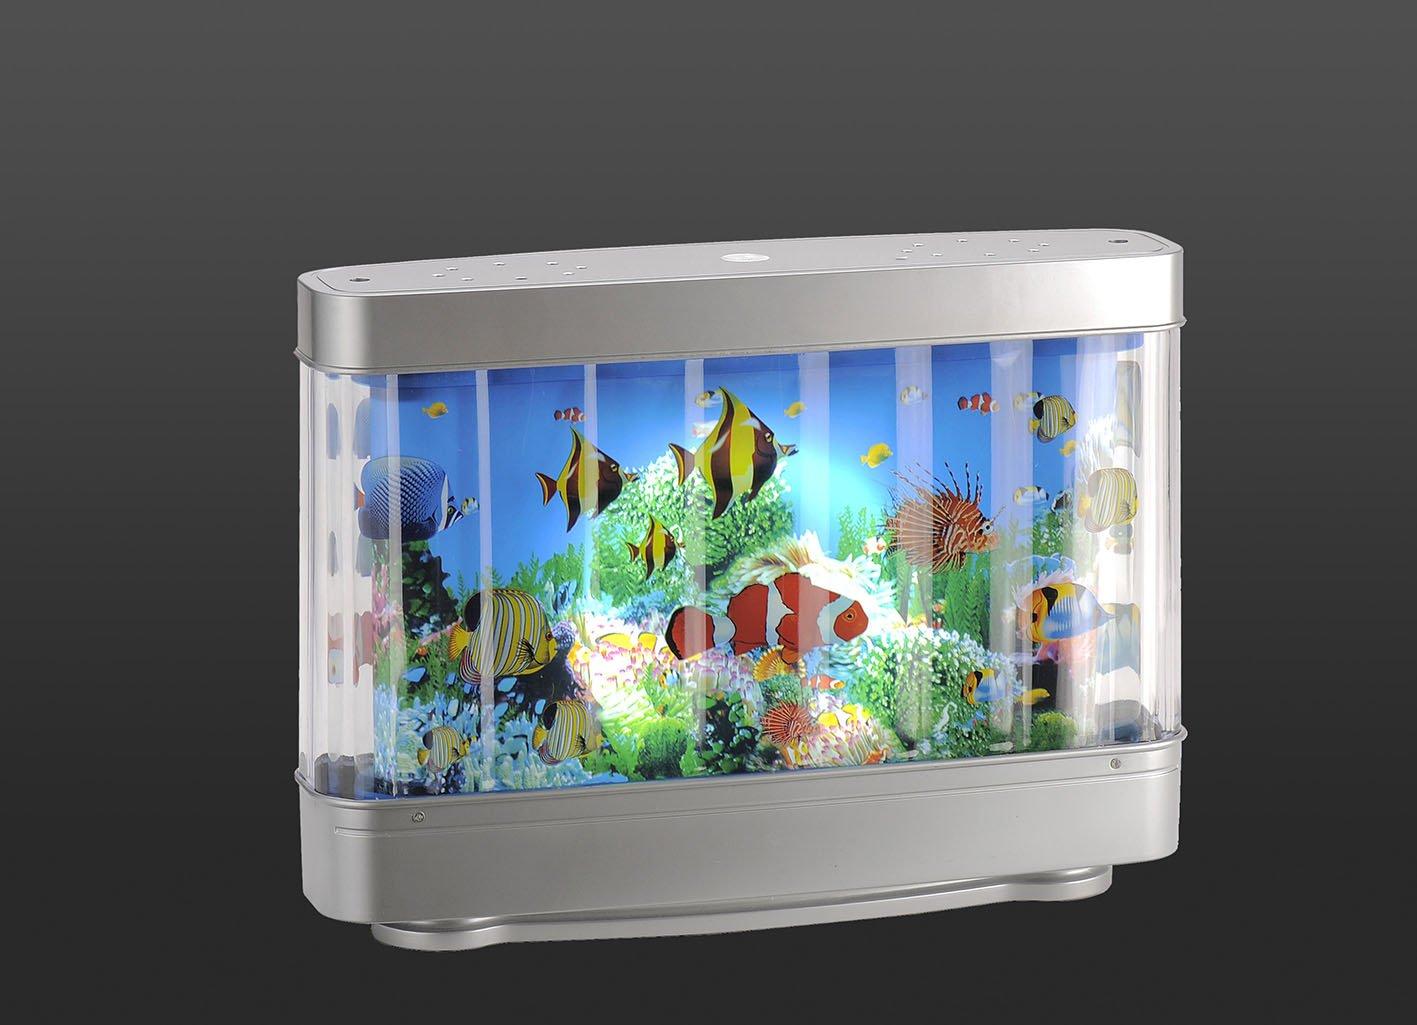 Lámpara LED de niños Acuario Efecto de peces - Lámpara LED de estado de ánimo lámpara decorativa Proyección giratorio 180 lúmenes lámpara decorativa ...